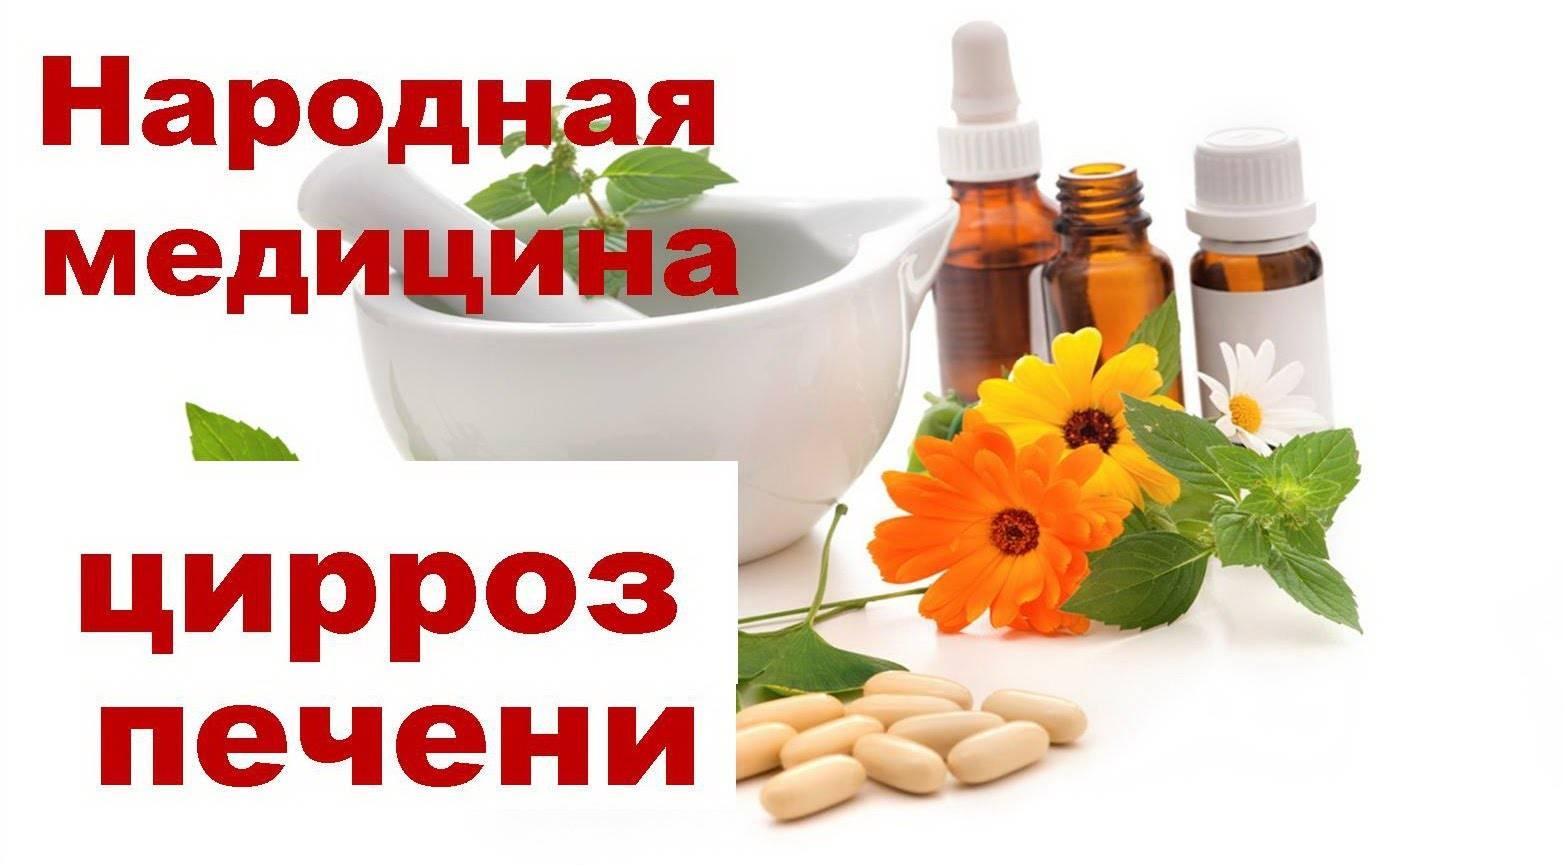 Лечение цирроза печени народными средствами: самые эффективные рецепты